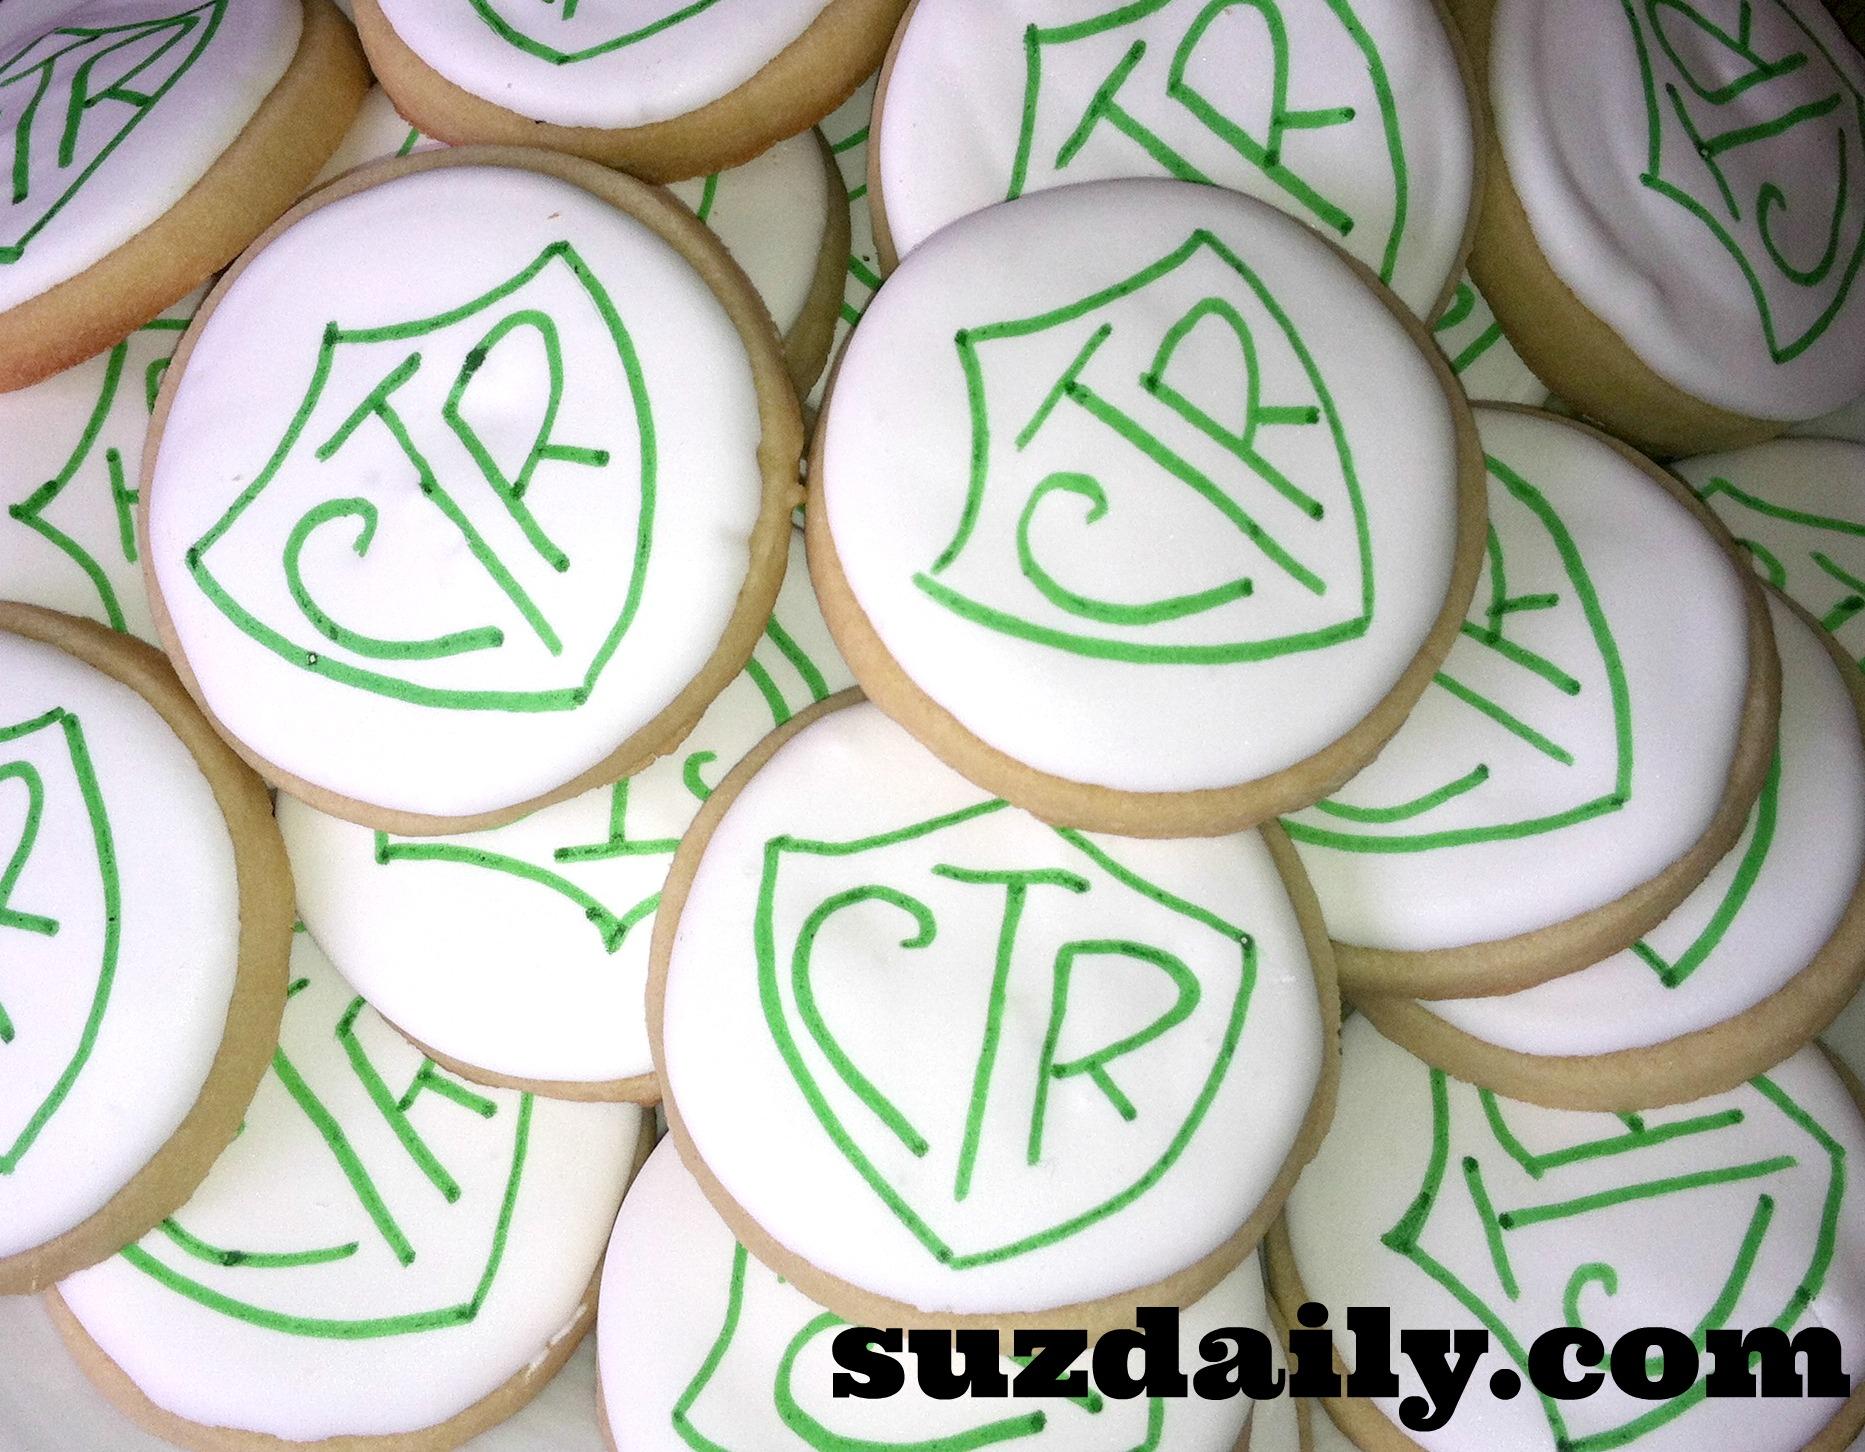 Simple CTR cookies